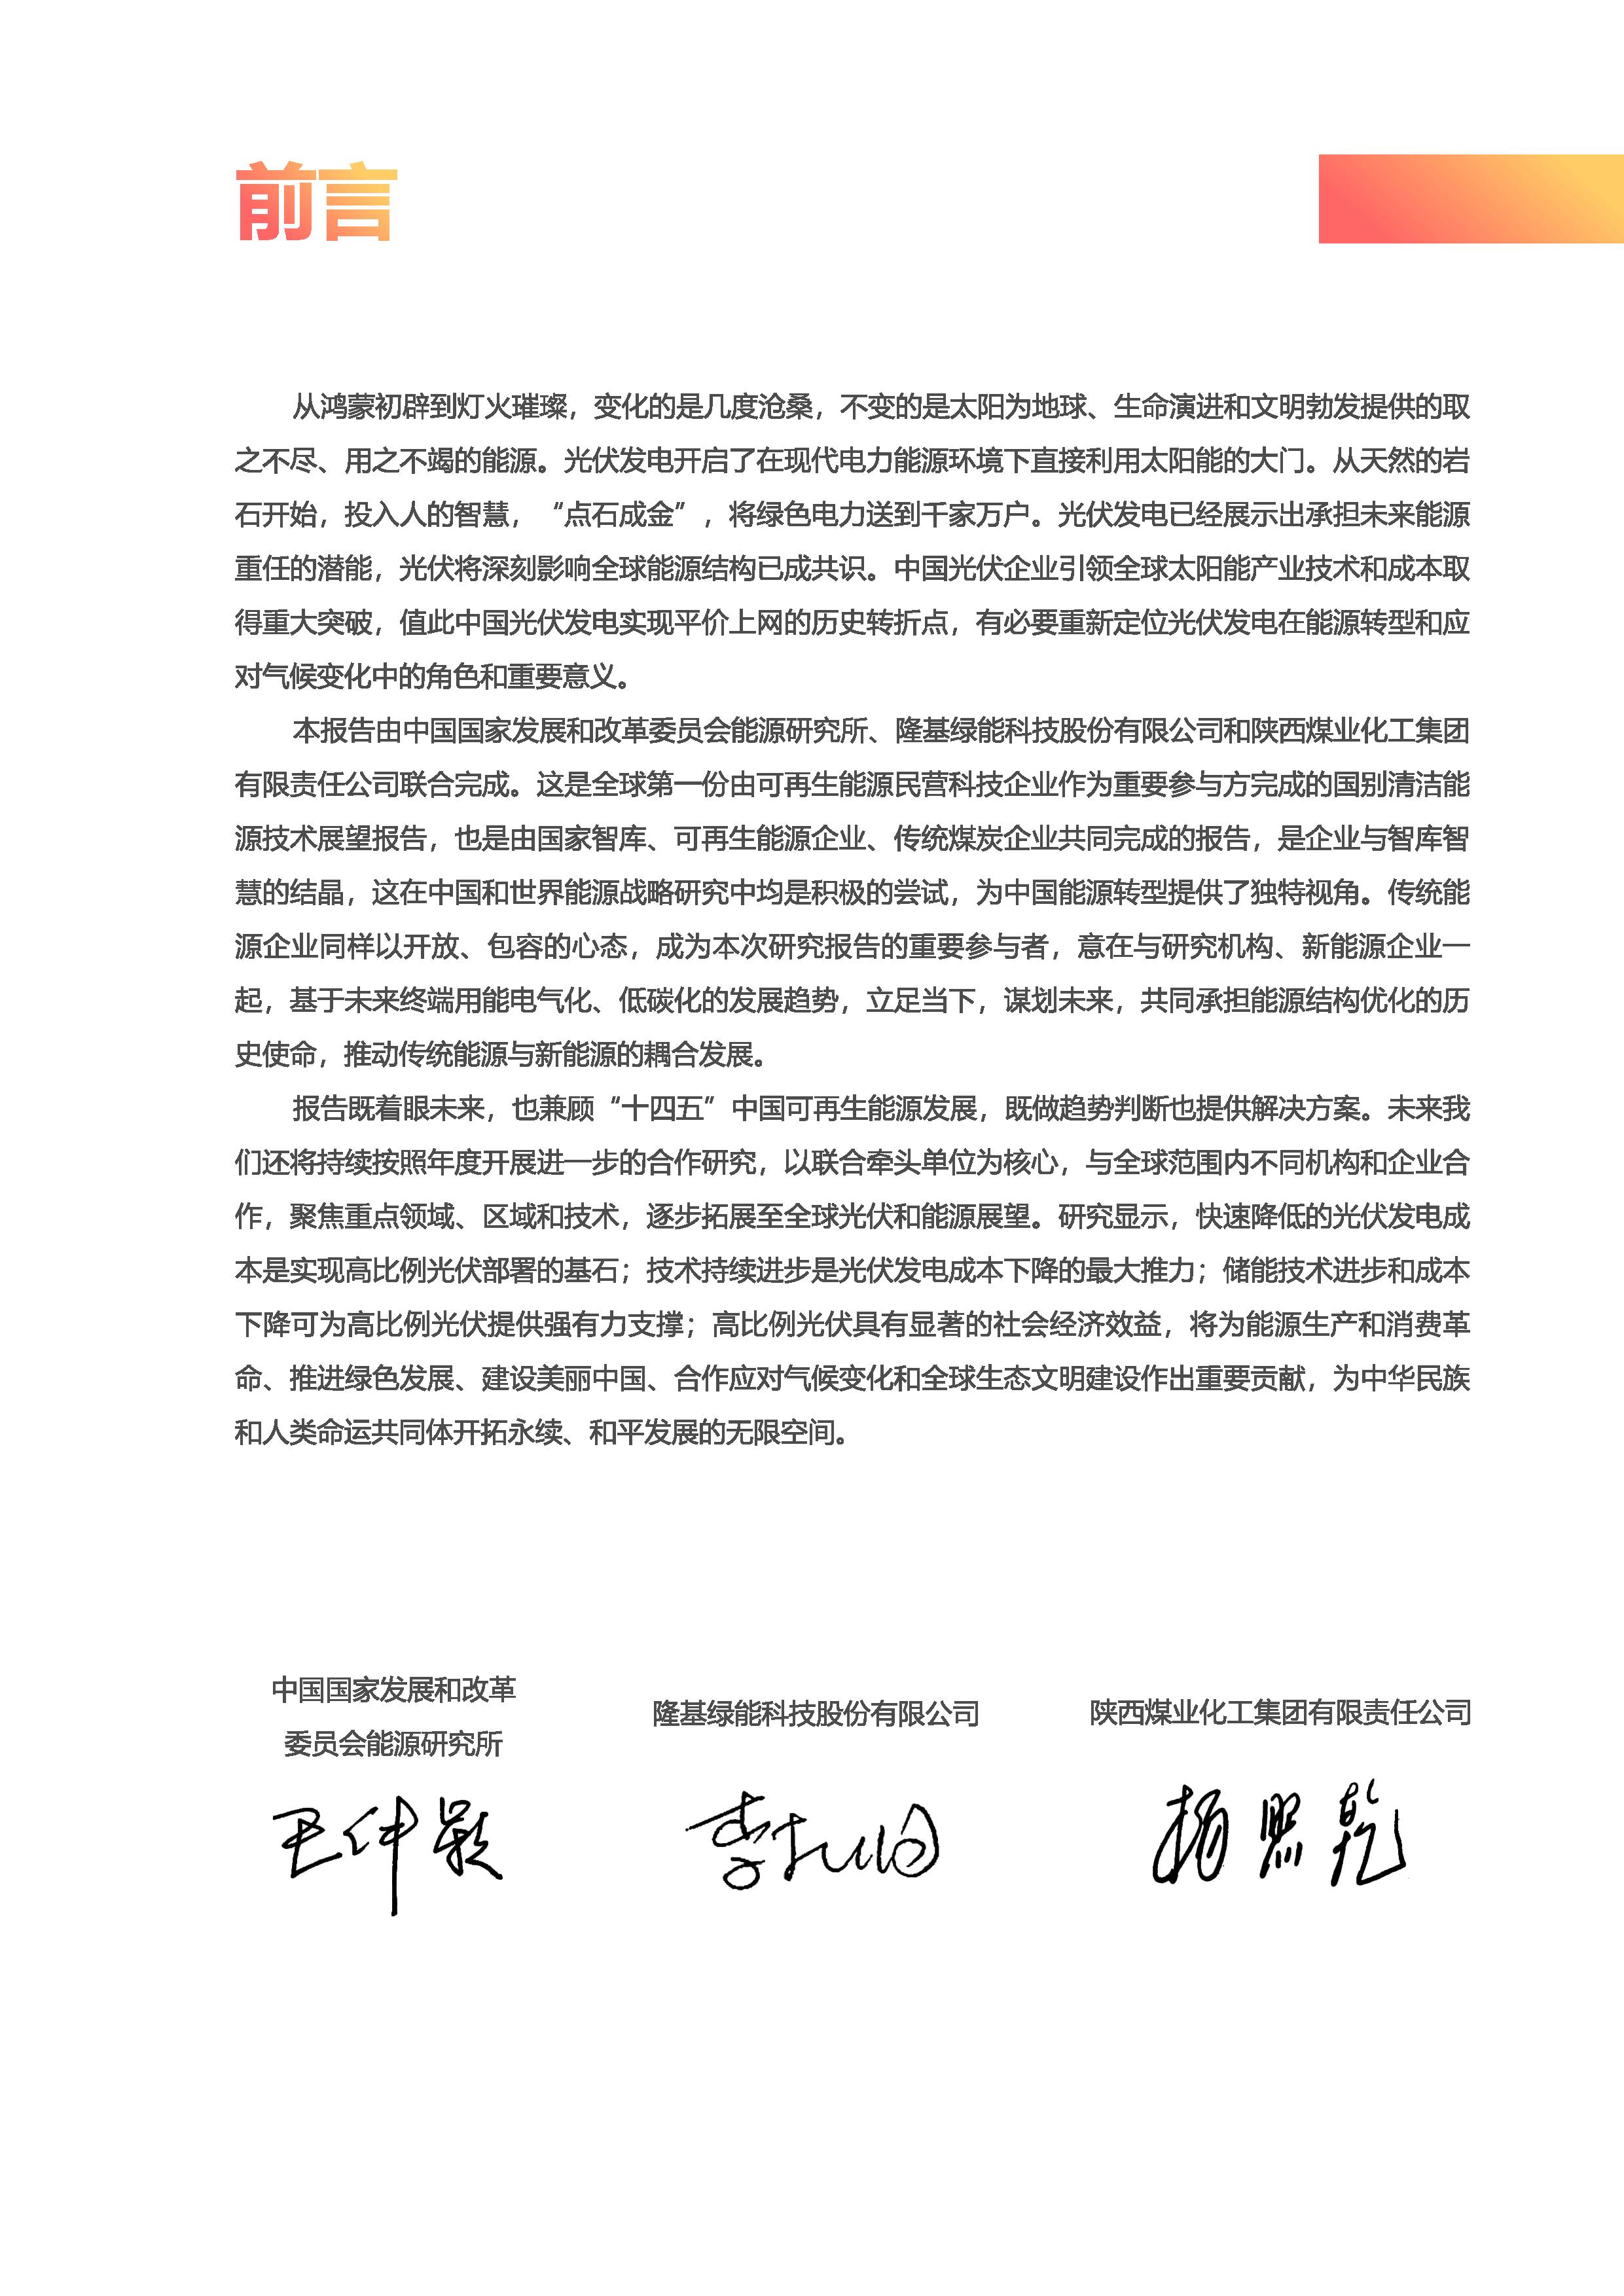 中国2050年光伏发展展望-2019_页面_03